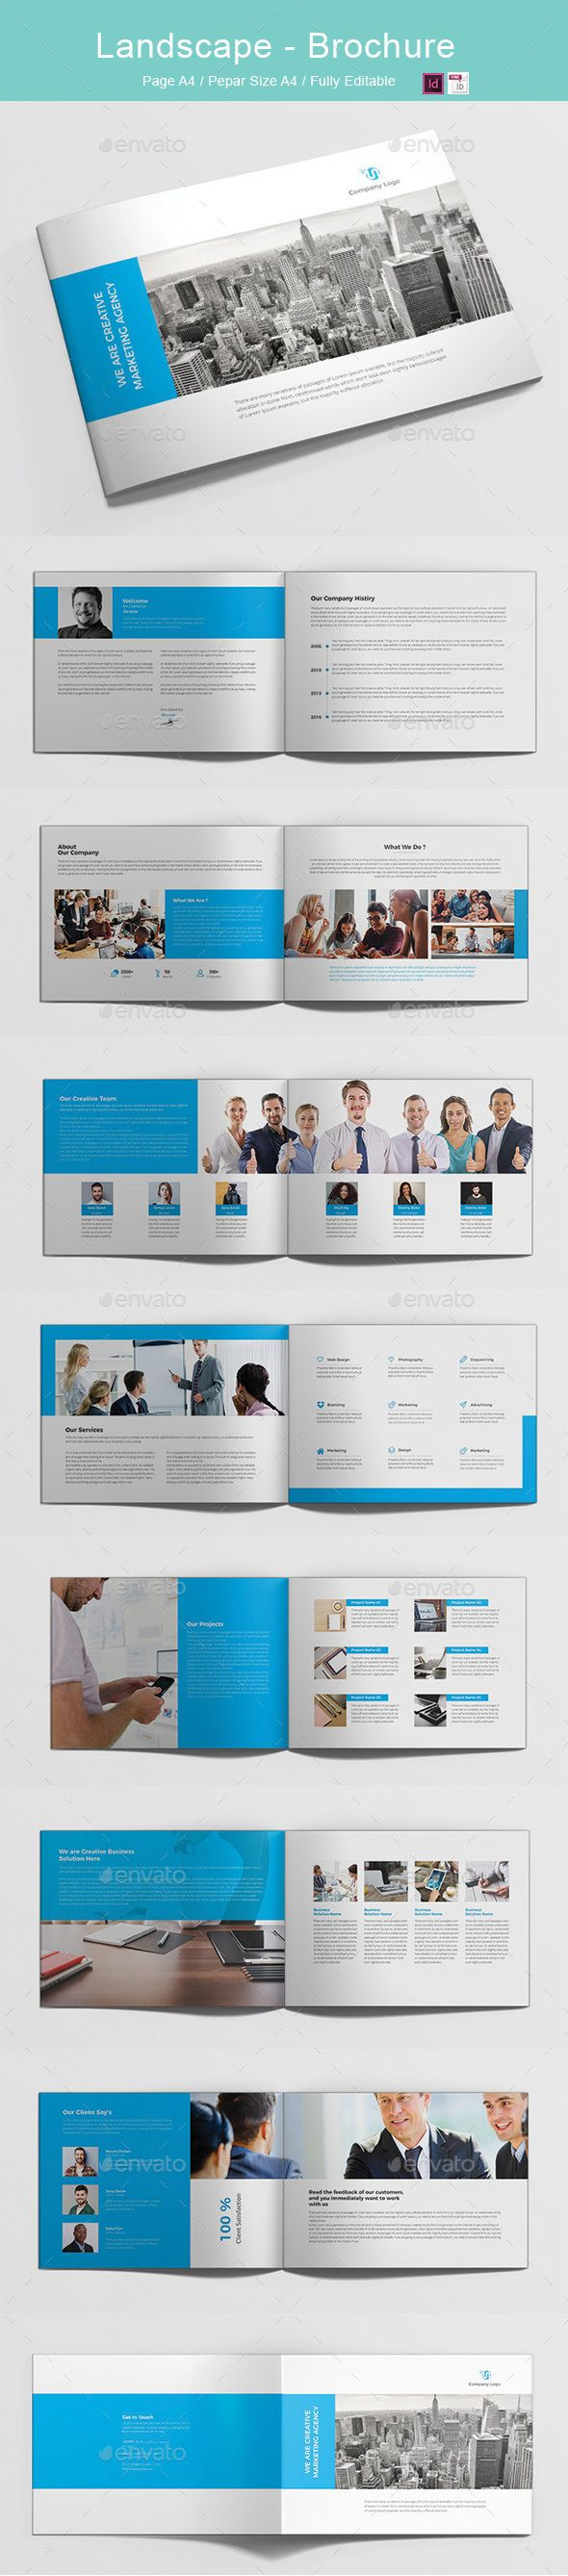 A4 Landscape _ Brochure   Grafikdesign und Ideen